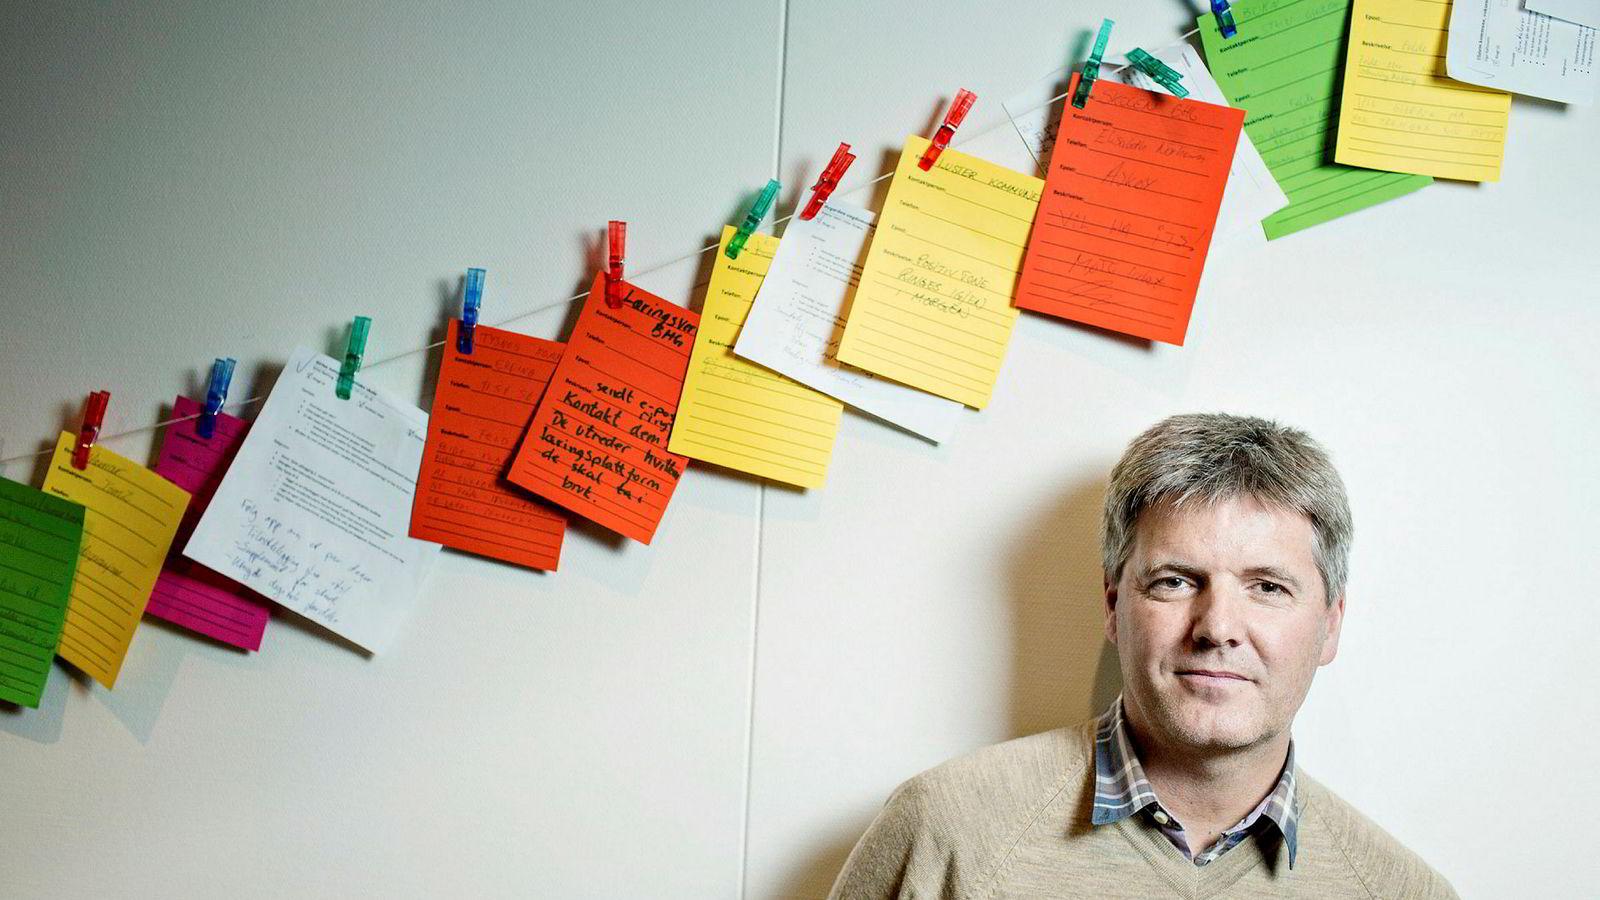 Administrerende direktør Arne Bergby i Itslearning ser lyst på fremtiden til læringsplatformselskapet, selv etter årevis med underskudd.